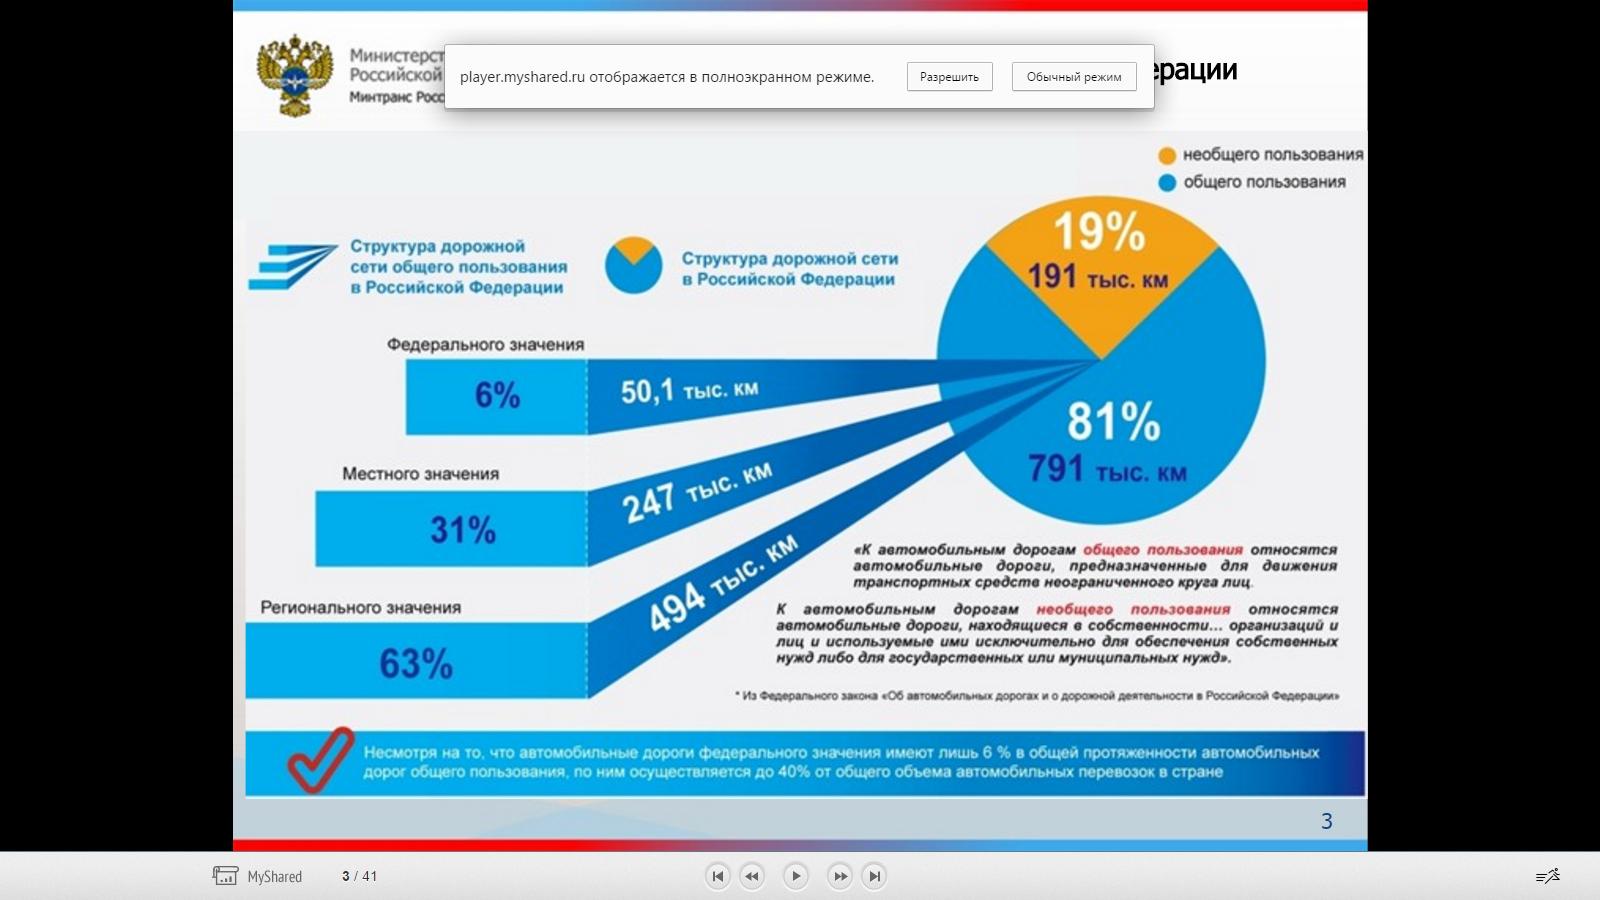 дороги в россии статистика такой высокой